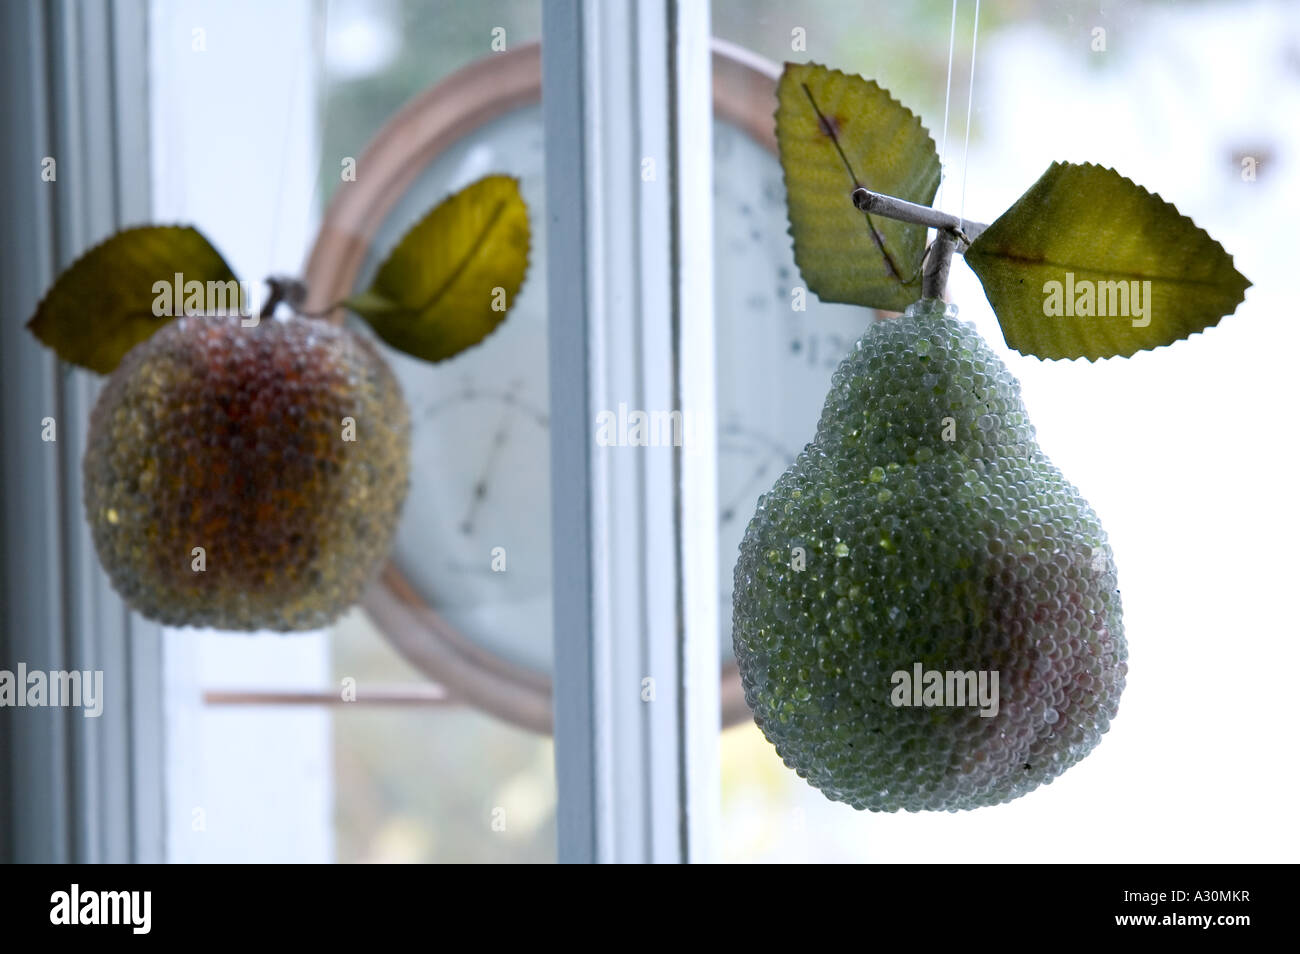 Fruto de cristal Decoración Navideña colgando en la ventana Imagen De Stock